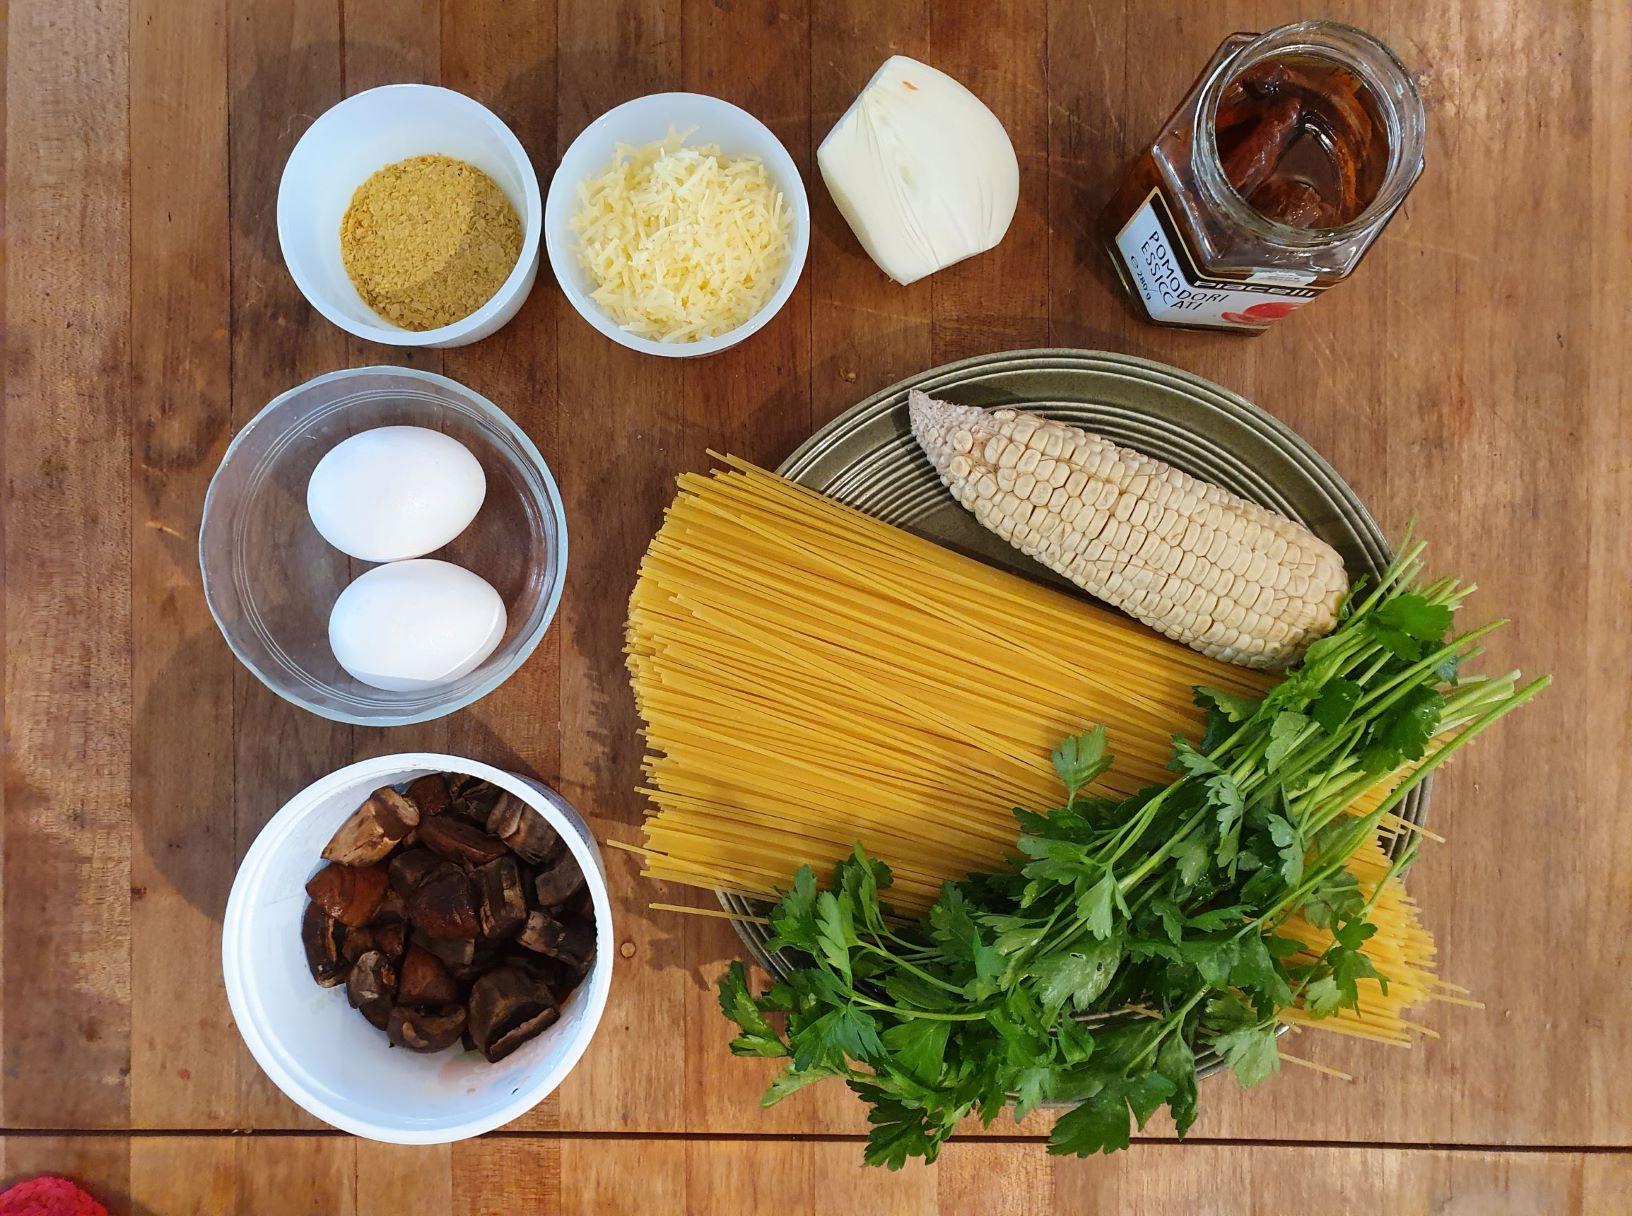 Vegetarian Veggie Carbonara wiht Mushroom and Corn Ingredients